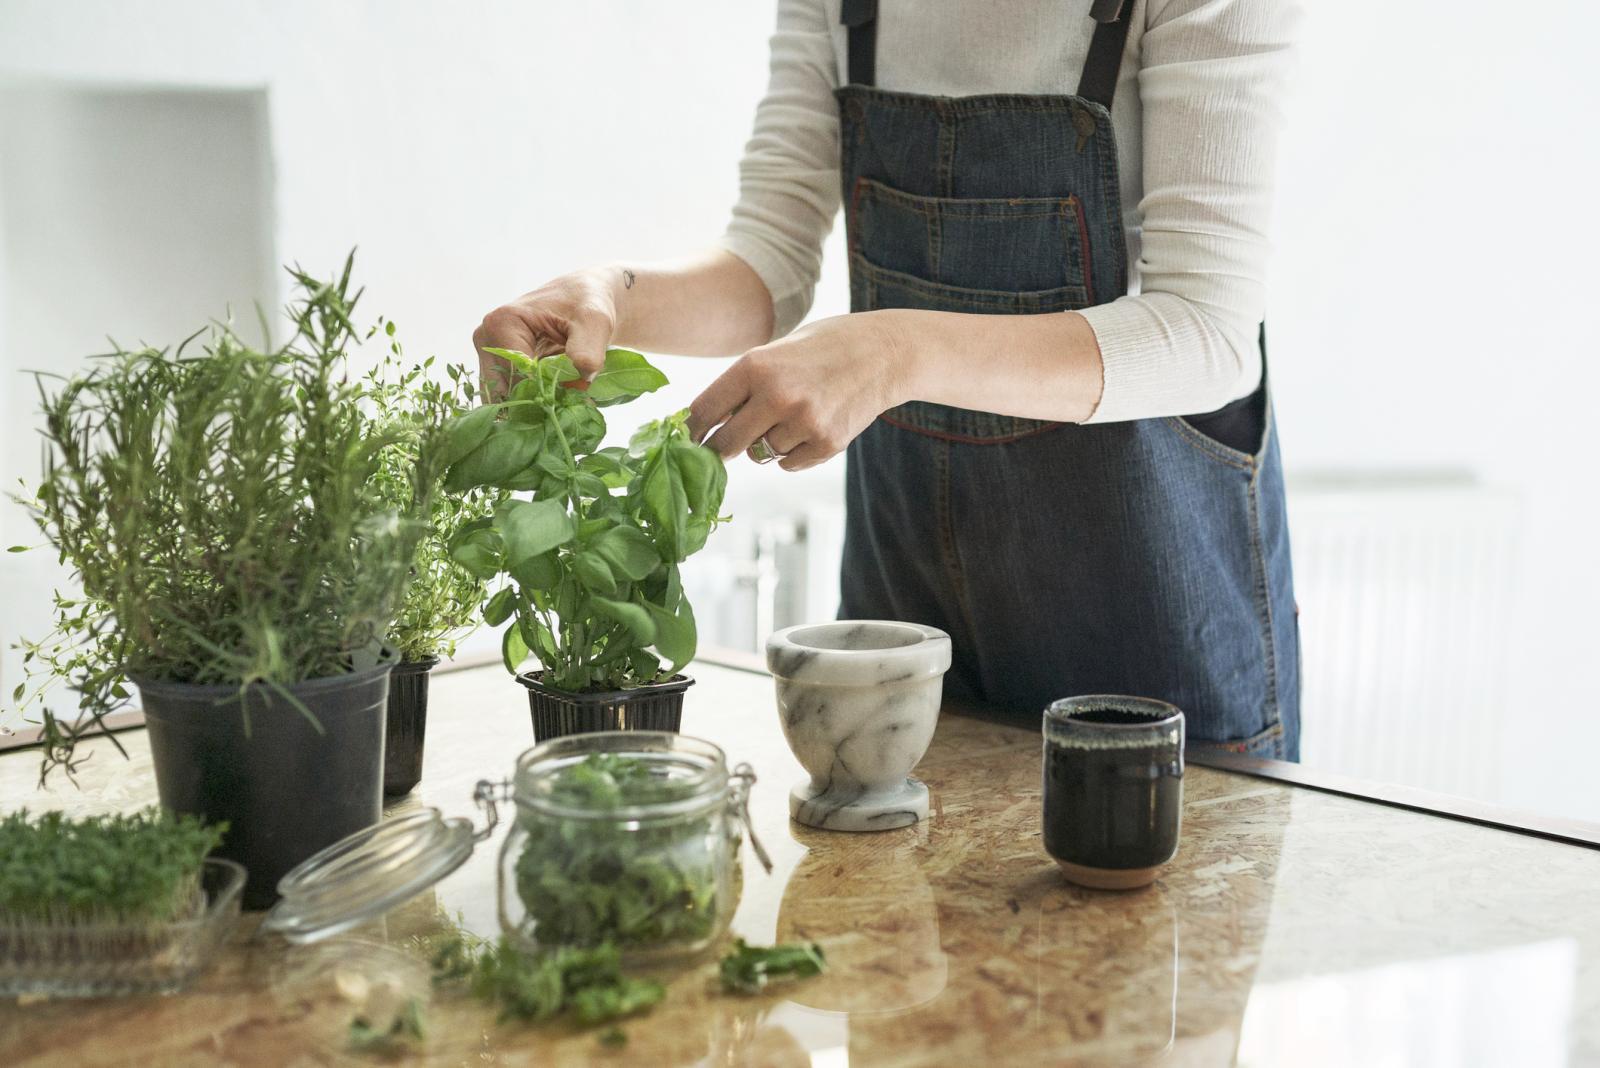 Mujer cuidando a macetas con hierbas